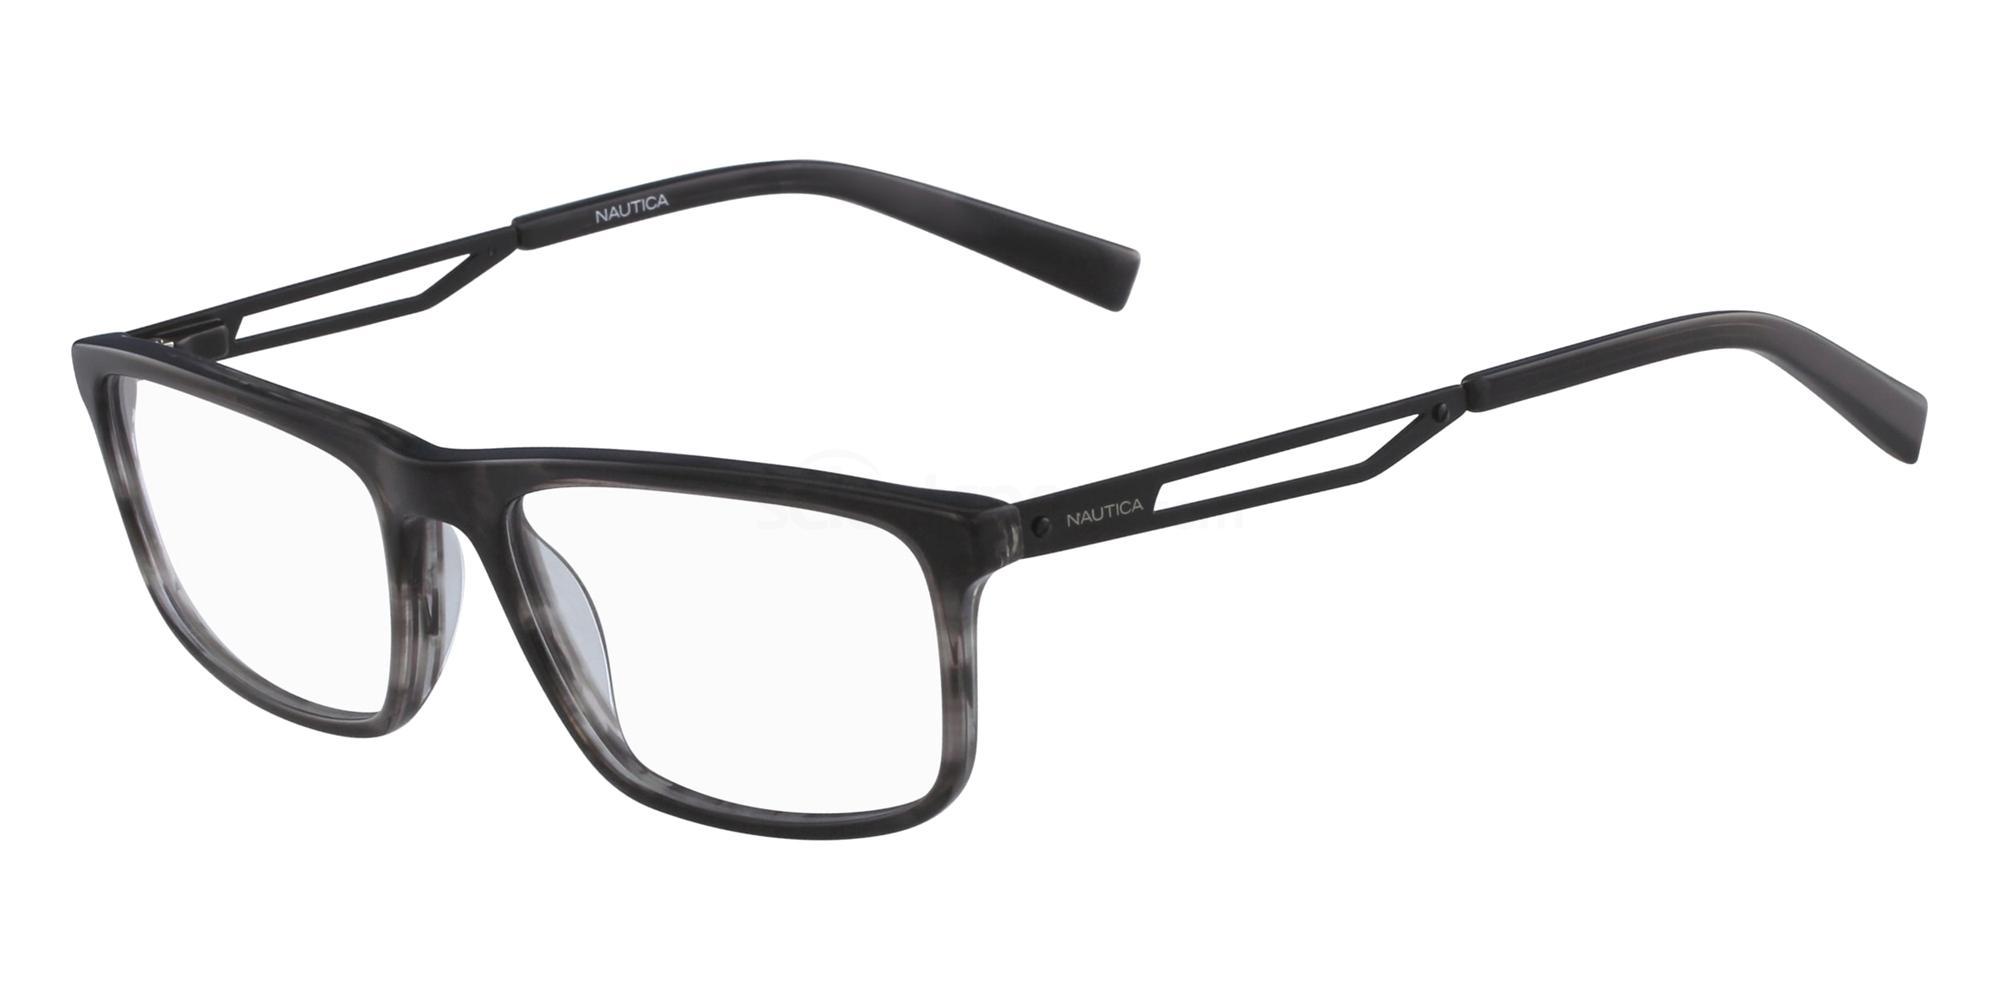 015 N8142 Glasses, Nautica